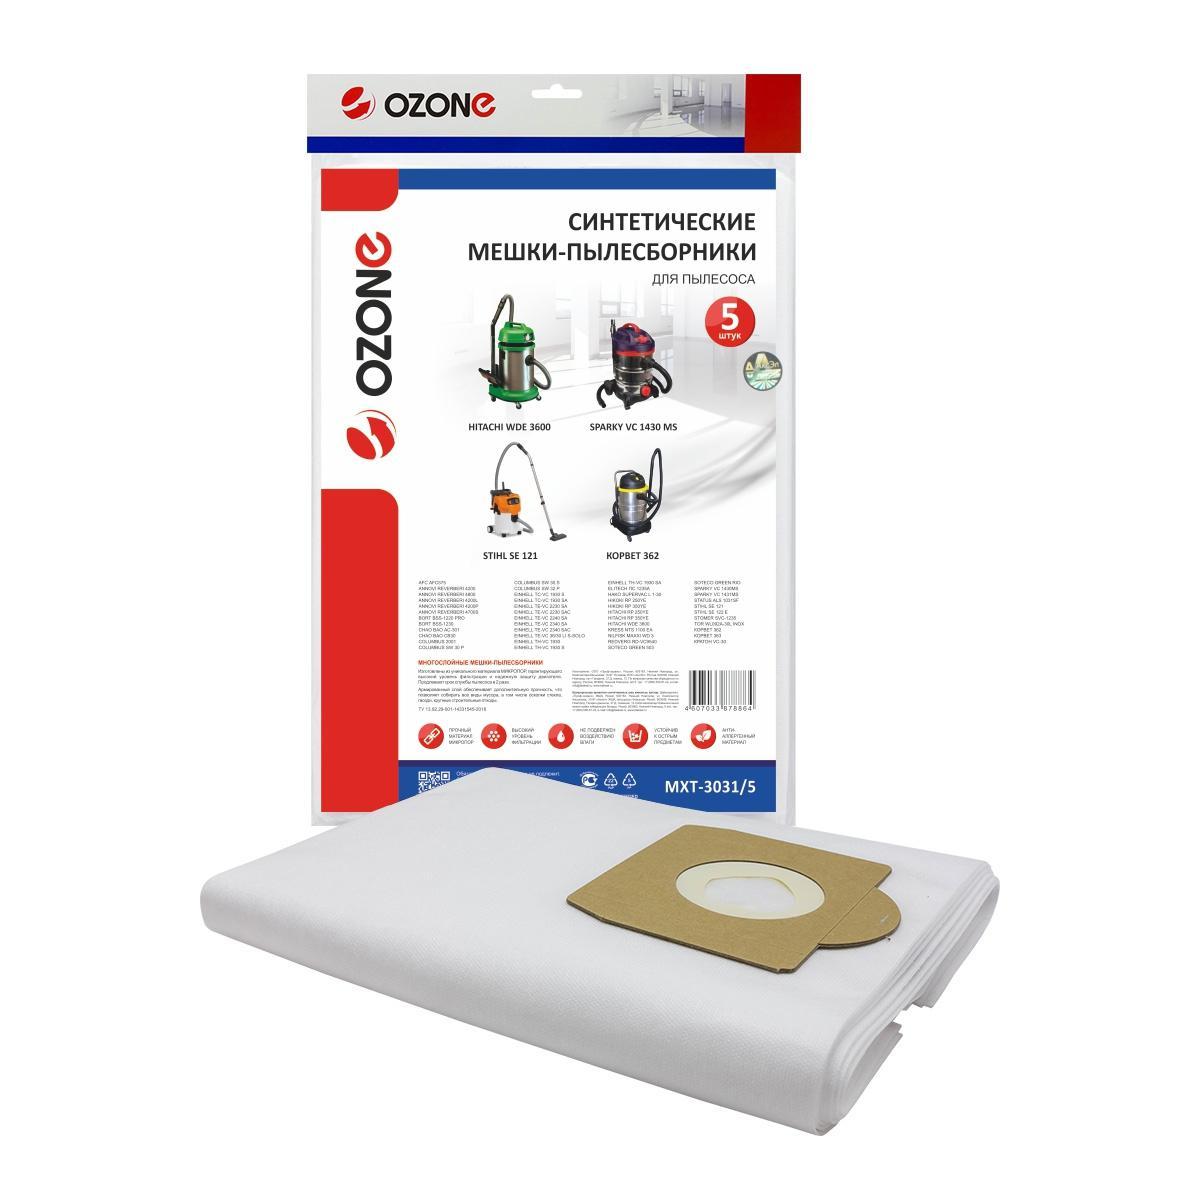 Мешок Ozone Mxt-3031/5 ozone mxt 3031 5